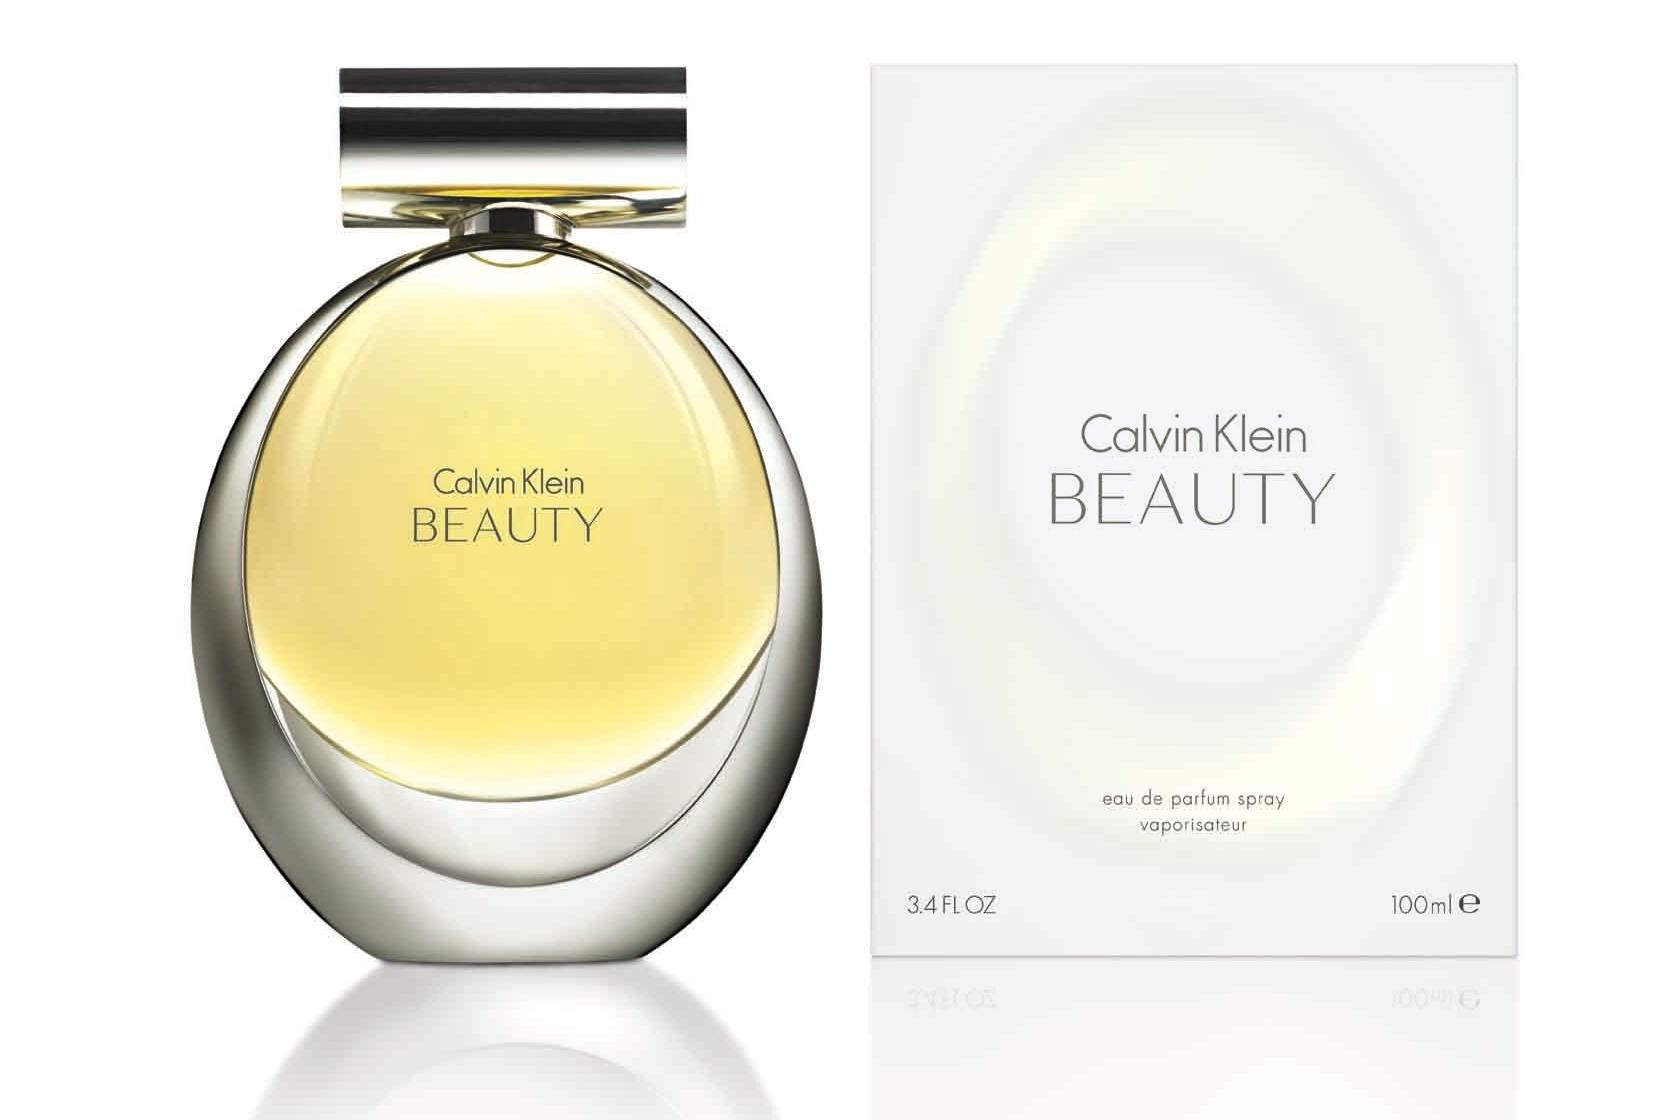 Calvin Klein воспевает главные понятия красоты - изысканность и элегантность, которые неподвластны времени. Свой новый аромат